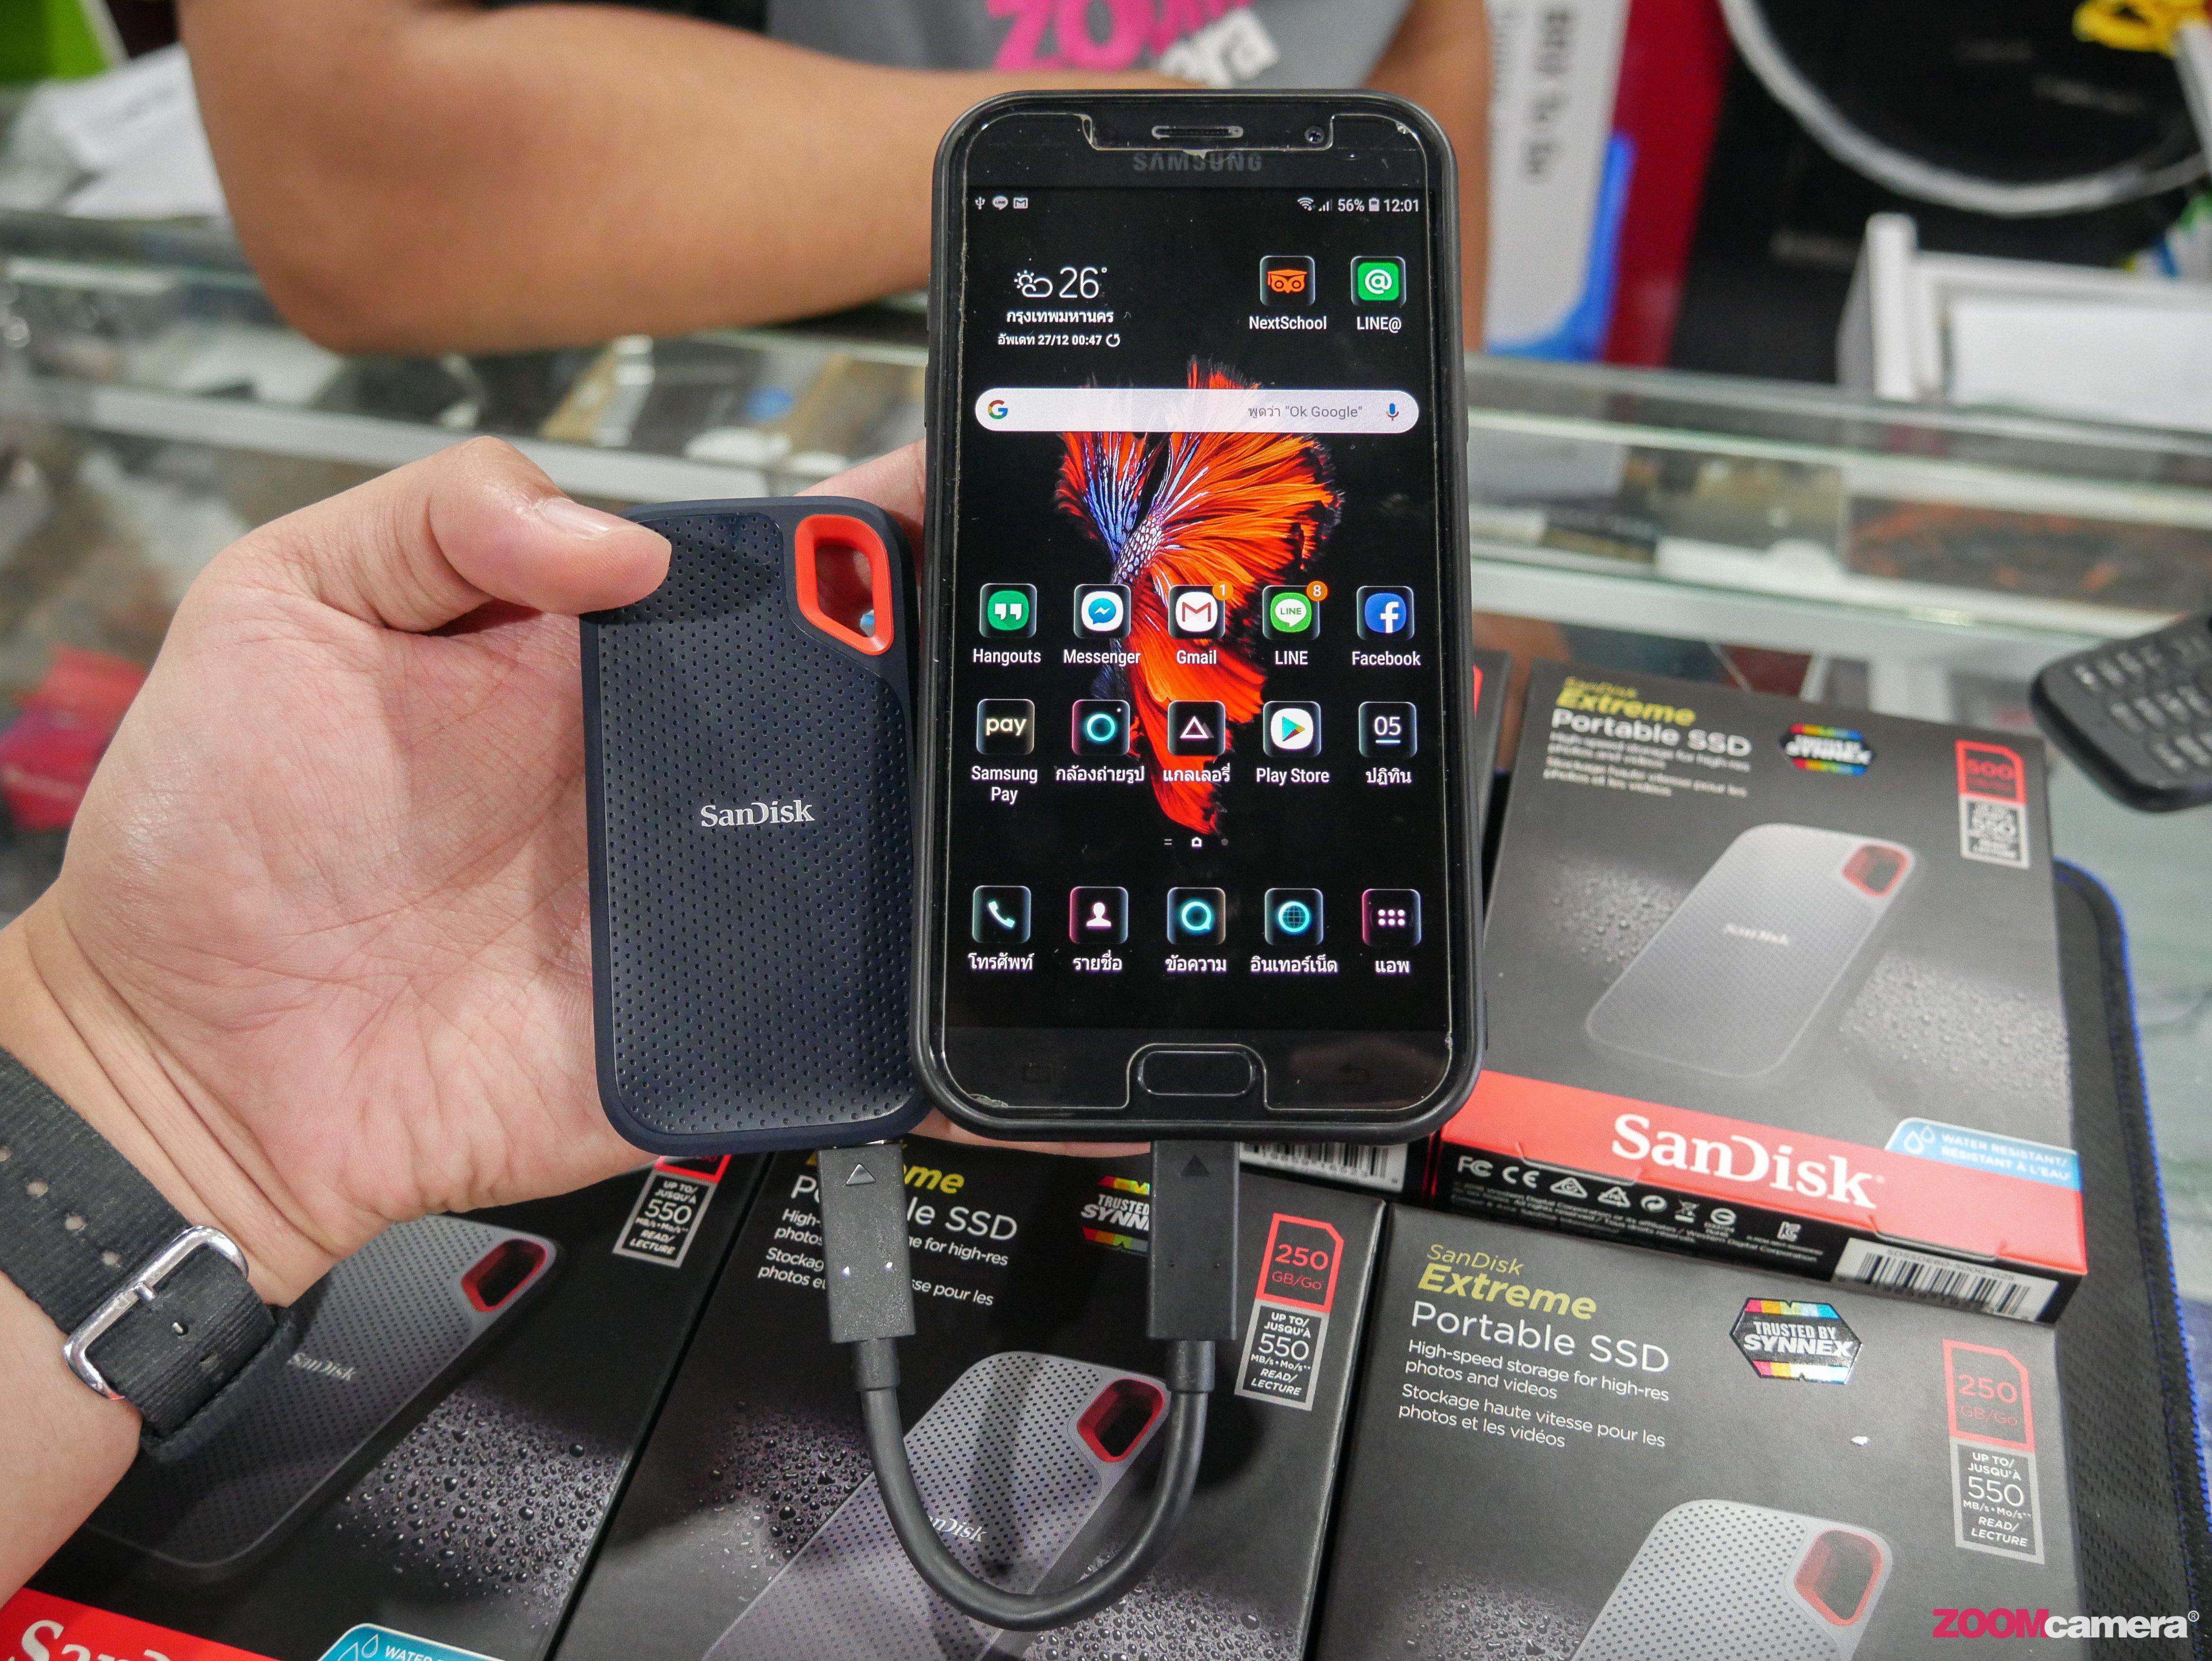 Hands On+ทดสอบ Sandisk Extreme Portable SSD ตัวใหม่ เร็ว แรง มั่นใจทุกการเดินทาง นักถ่ายภาพสายท่องเที่ยวต้องโดน